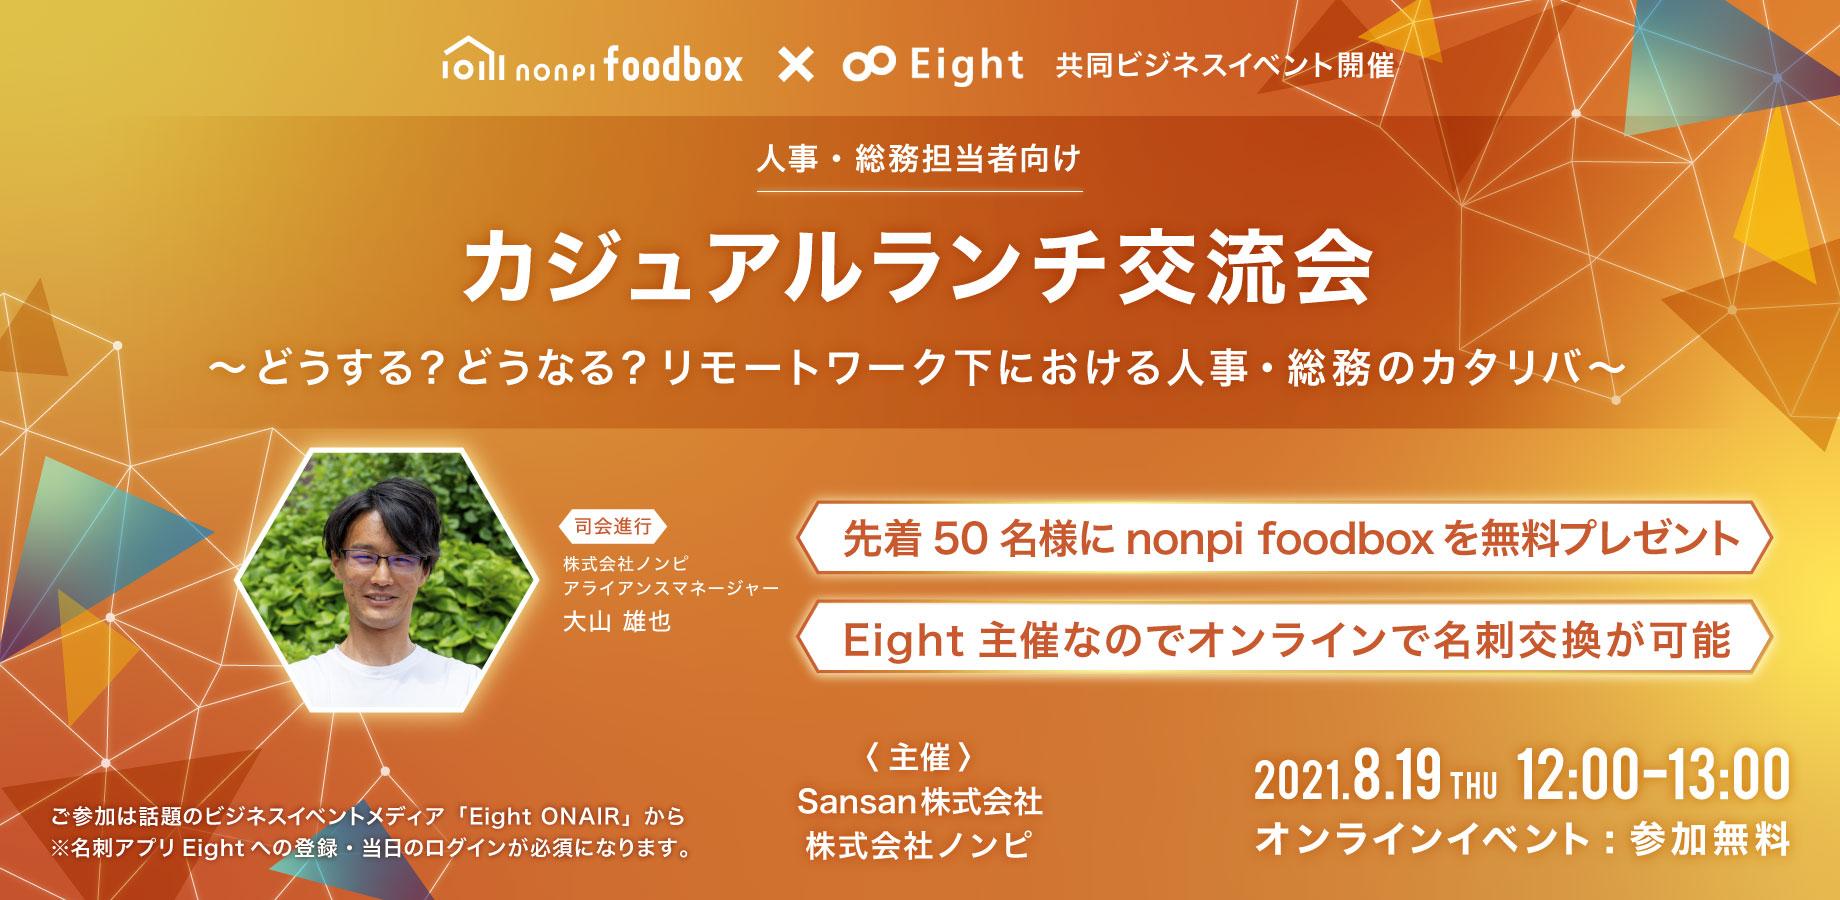 先着50名様にランチプレゼント!Eight × nonpi foodbox の共同イベント 人事・総務の方向け『カジュアル